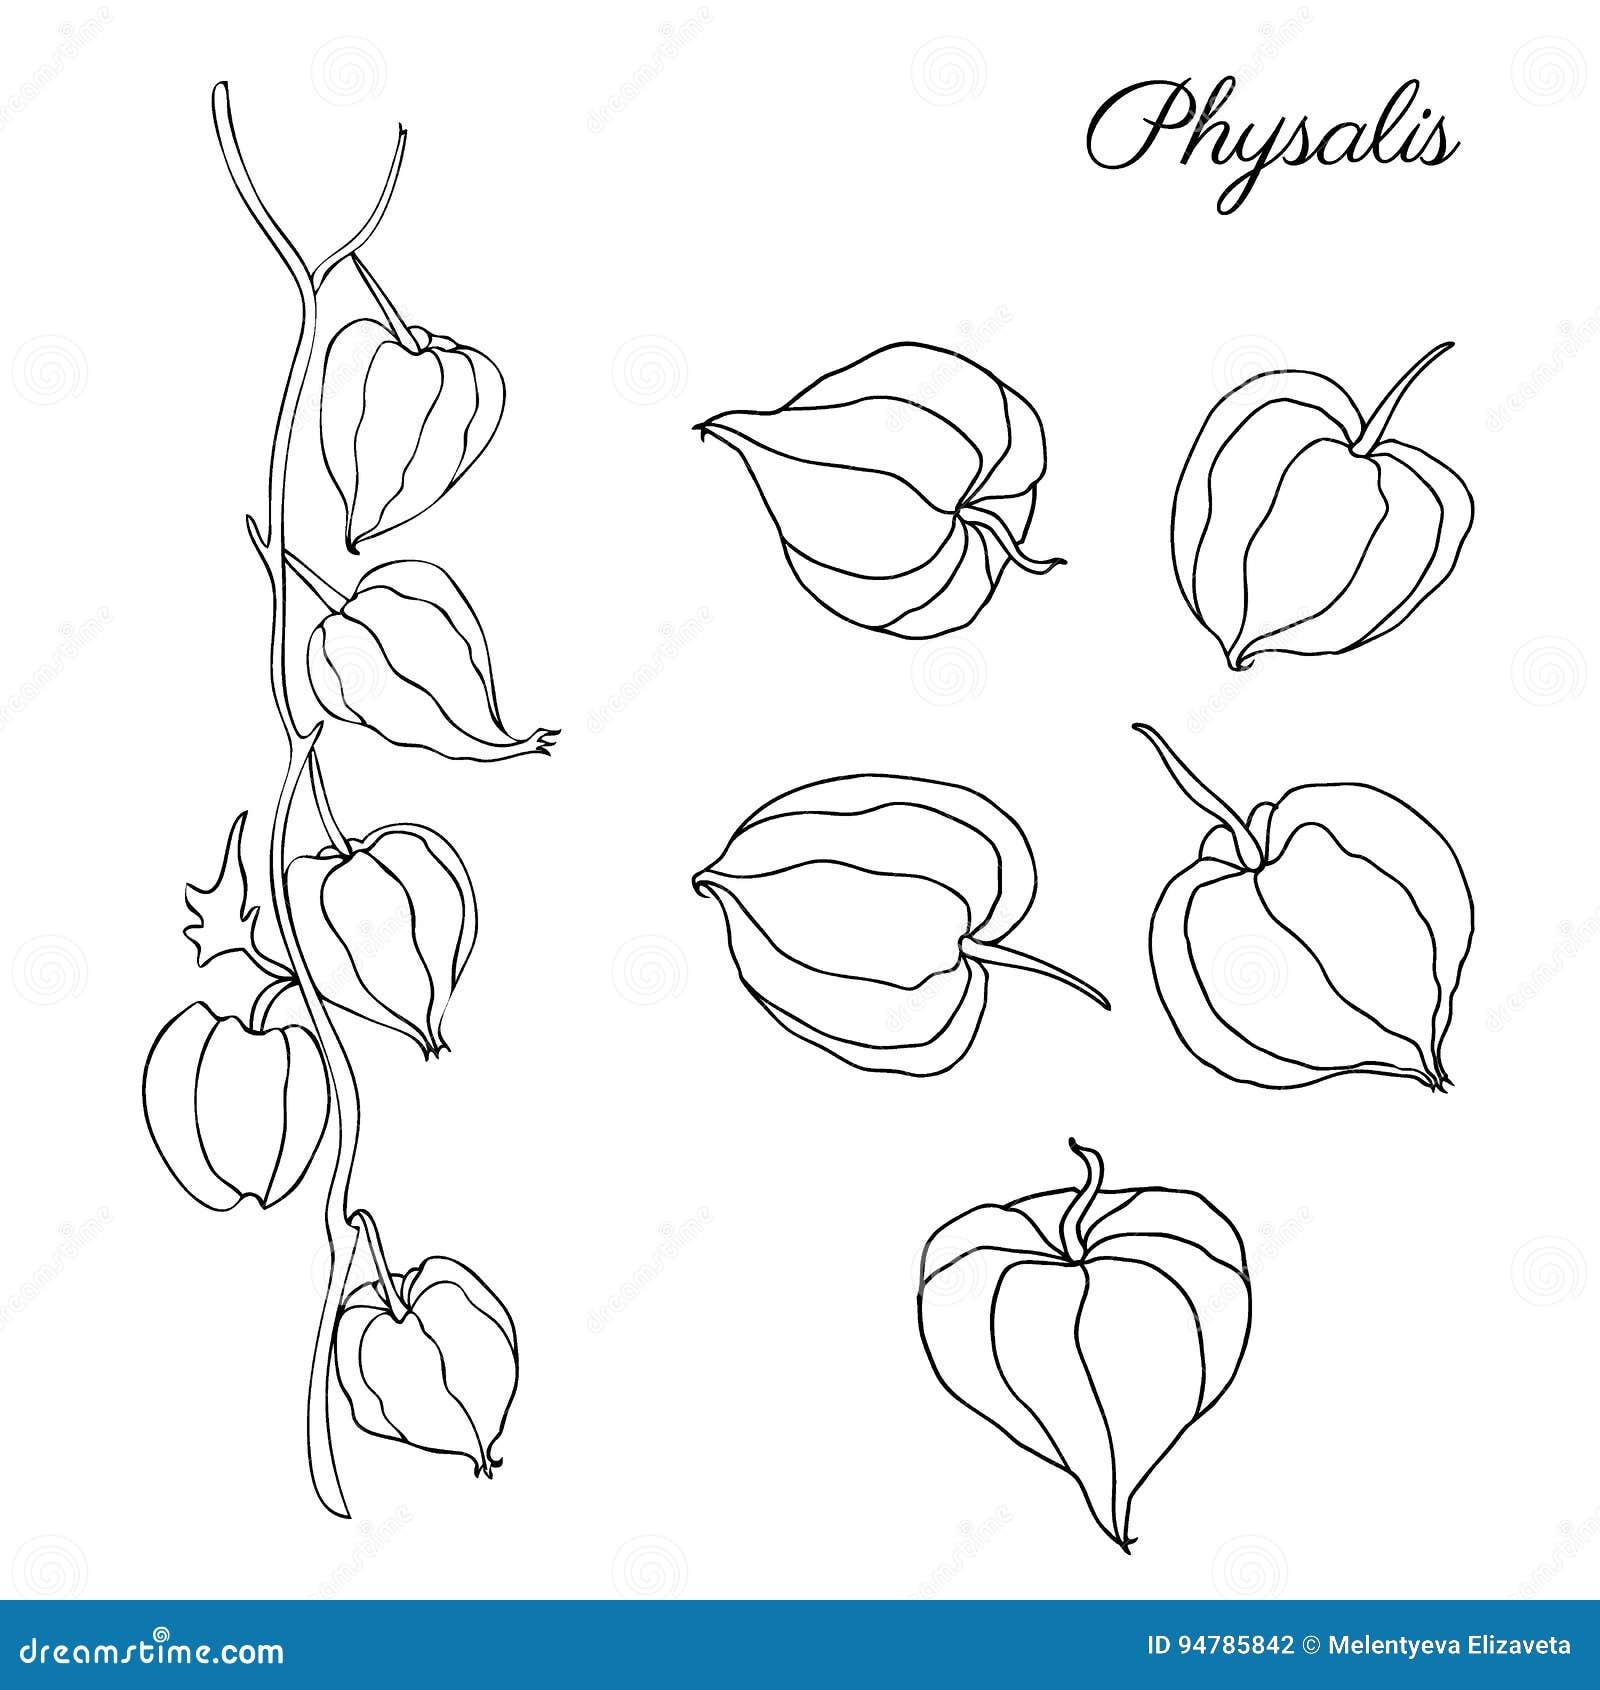 Esboço tirado mão do vetor da garatuja do Physalis isolado no fundo branco, grupo de baga gráfico, alimento saudável orgânico